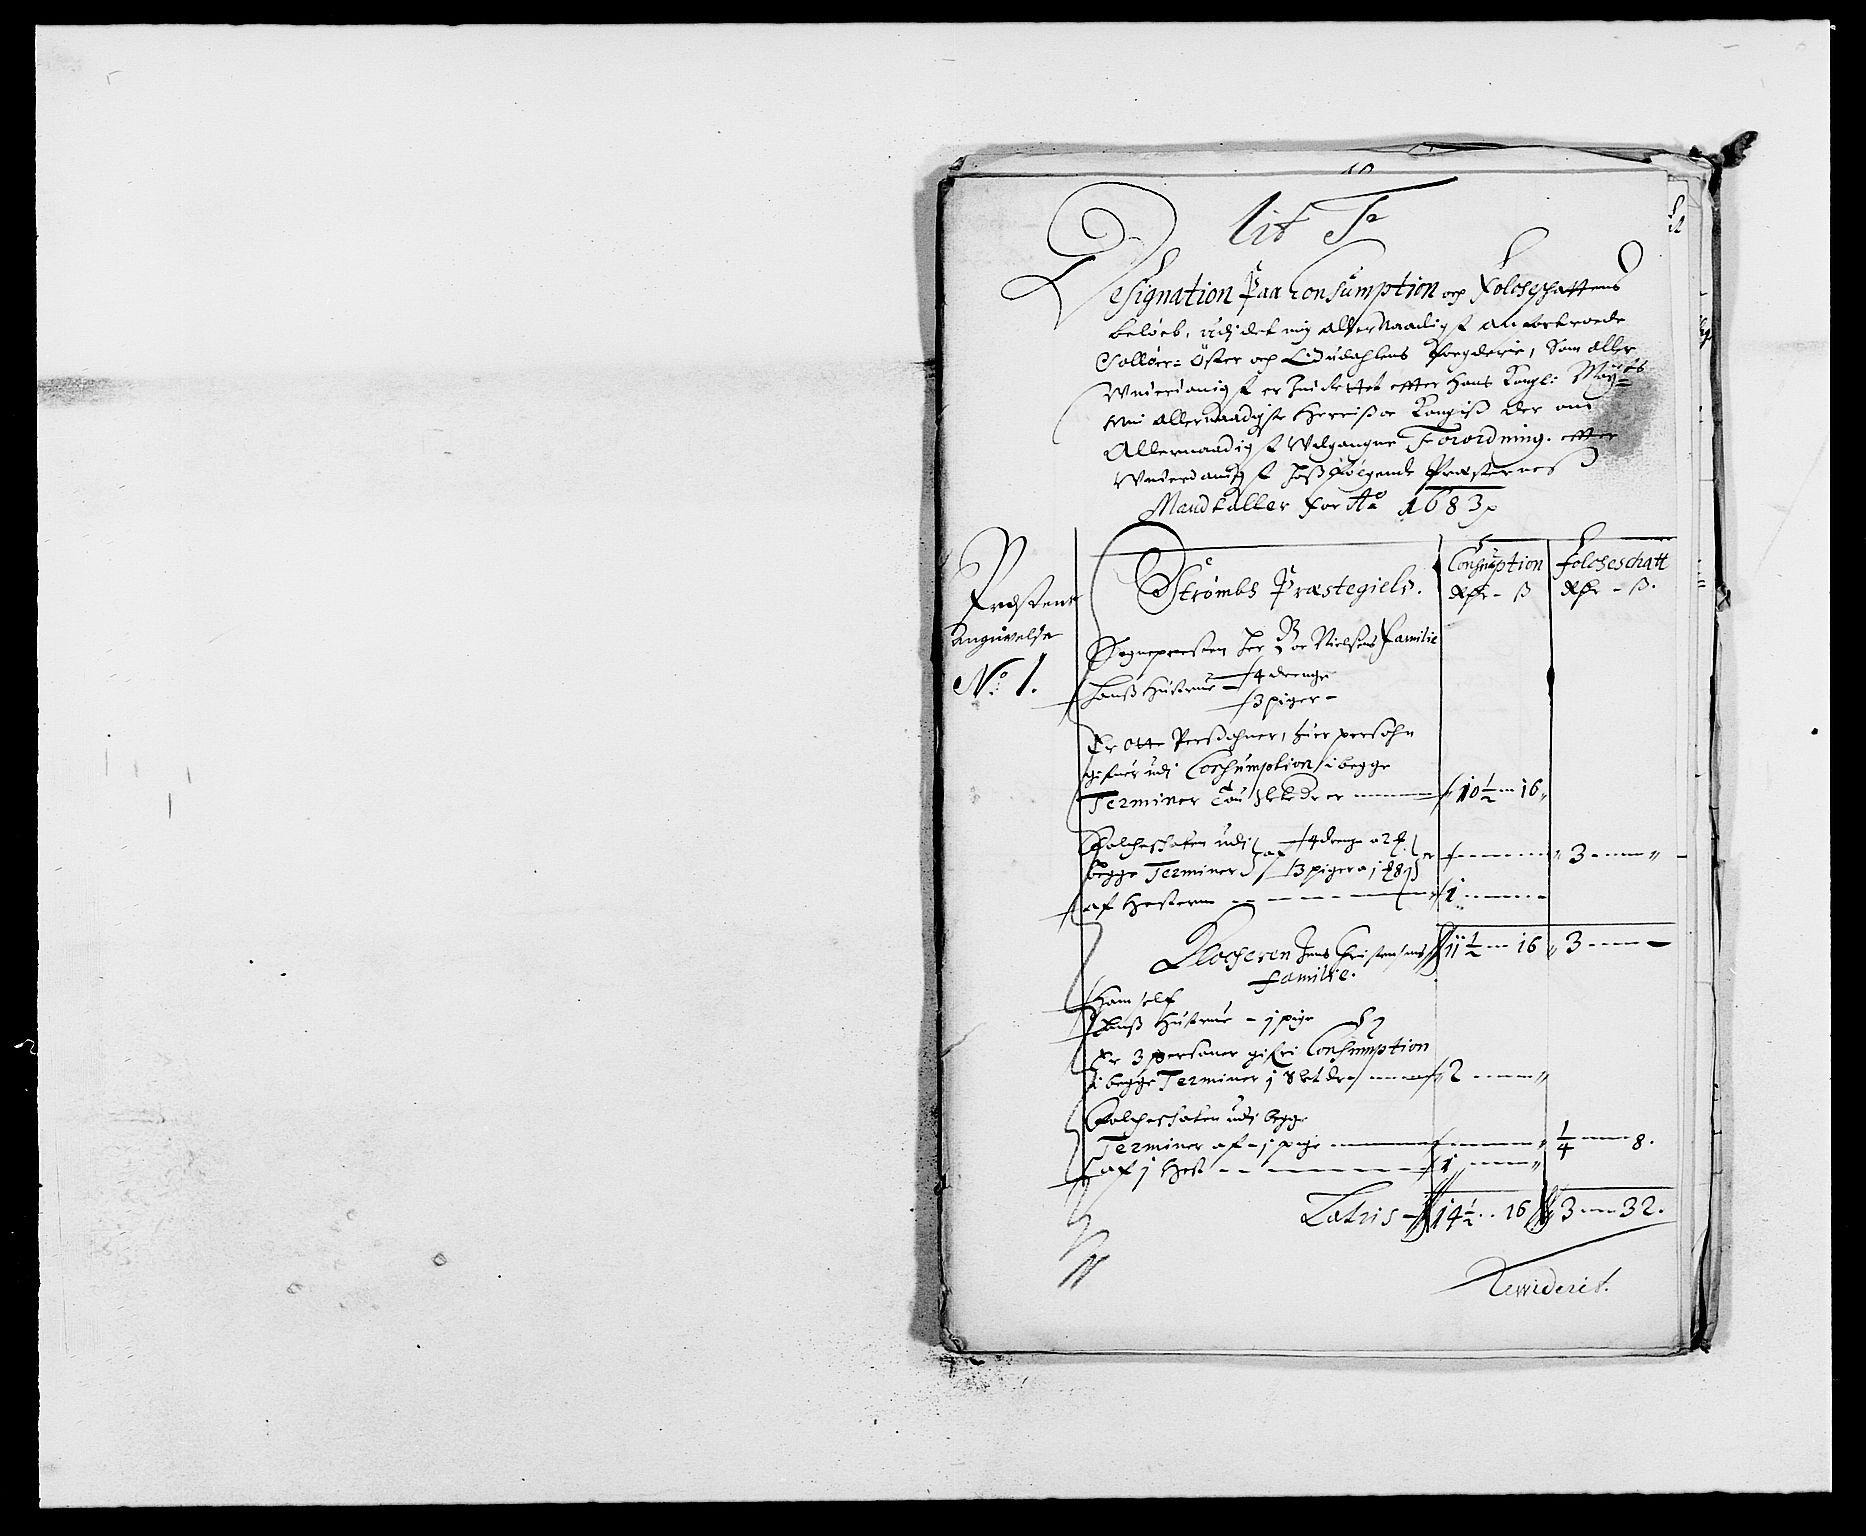 RA, Rentekammeret inntil 1814, Reviderte regnskaper, Fogderegnskap, R13/L0820: Fogderegnskap Solør, Odal og Østerdal, 1683, s. 206